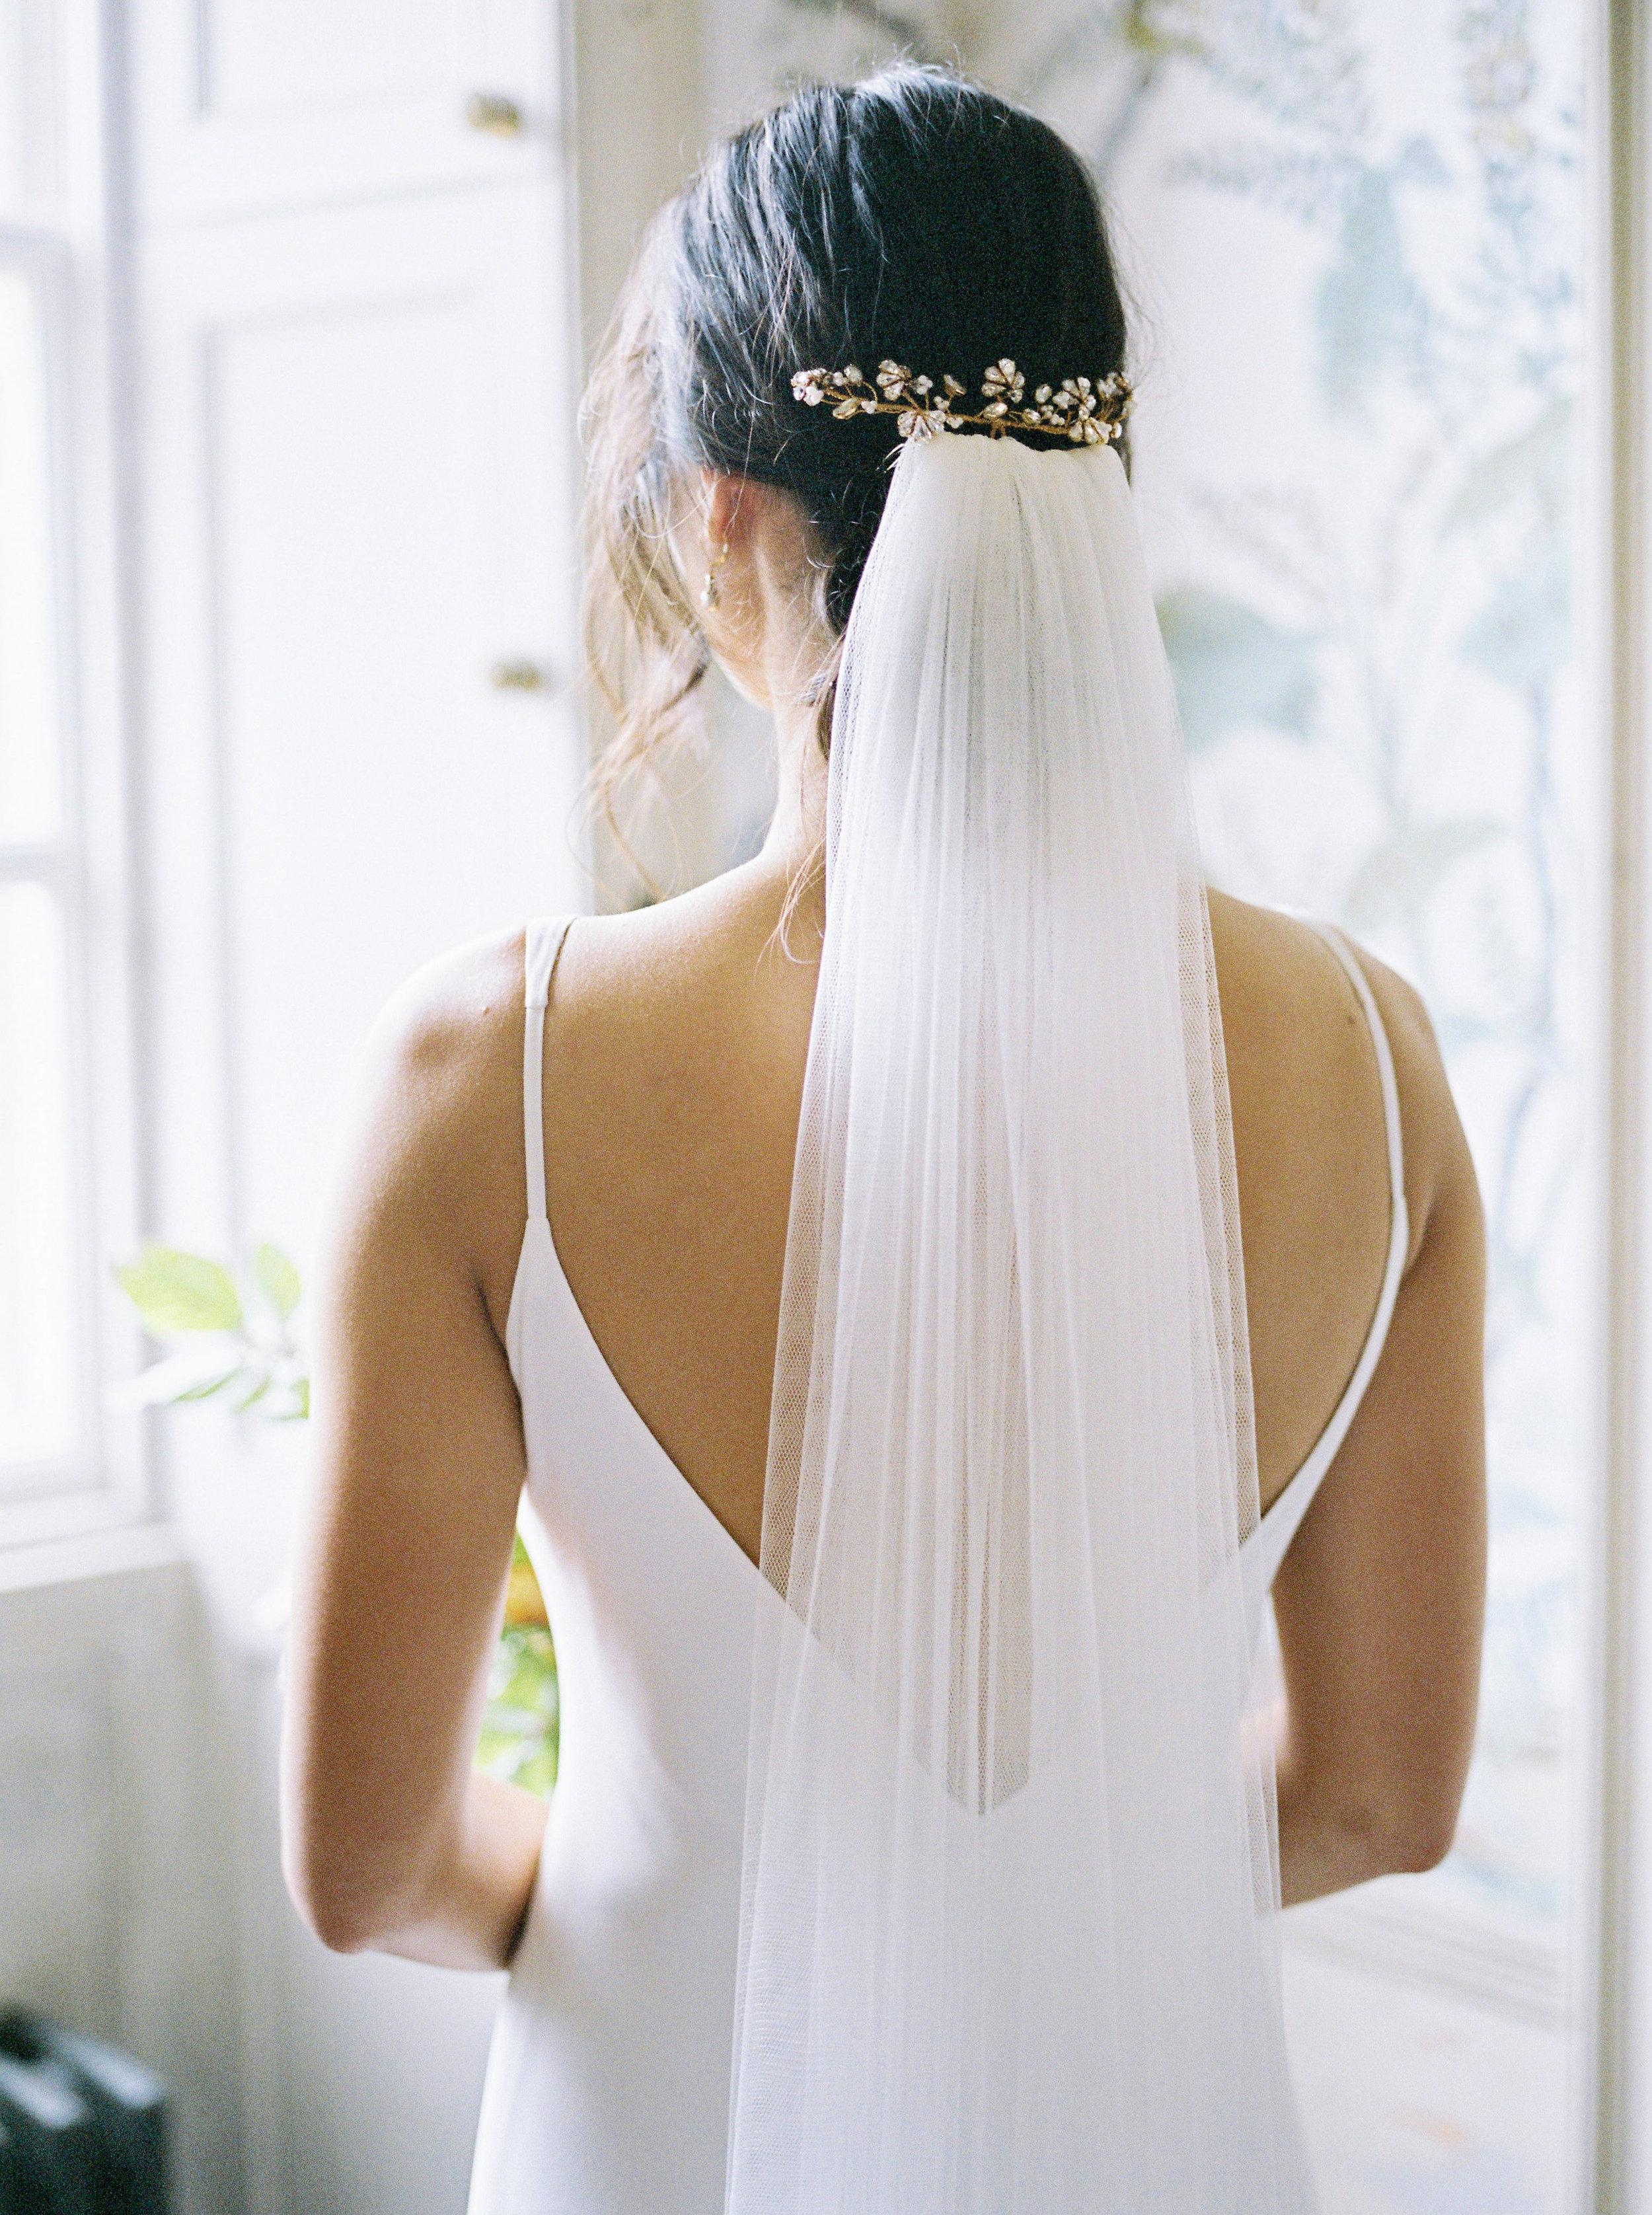 Real bride Sai in bespoke hair accessories and earrings (20).jpg